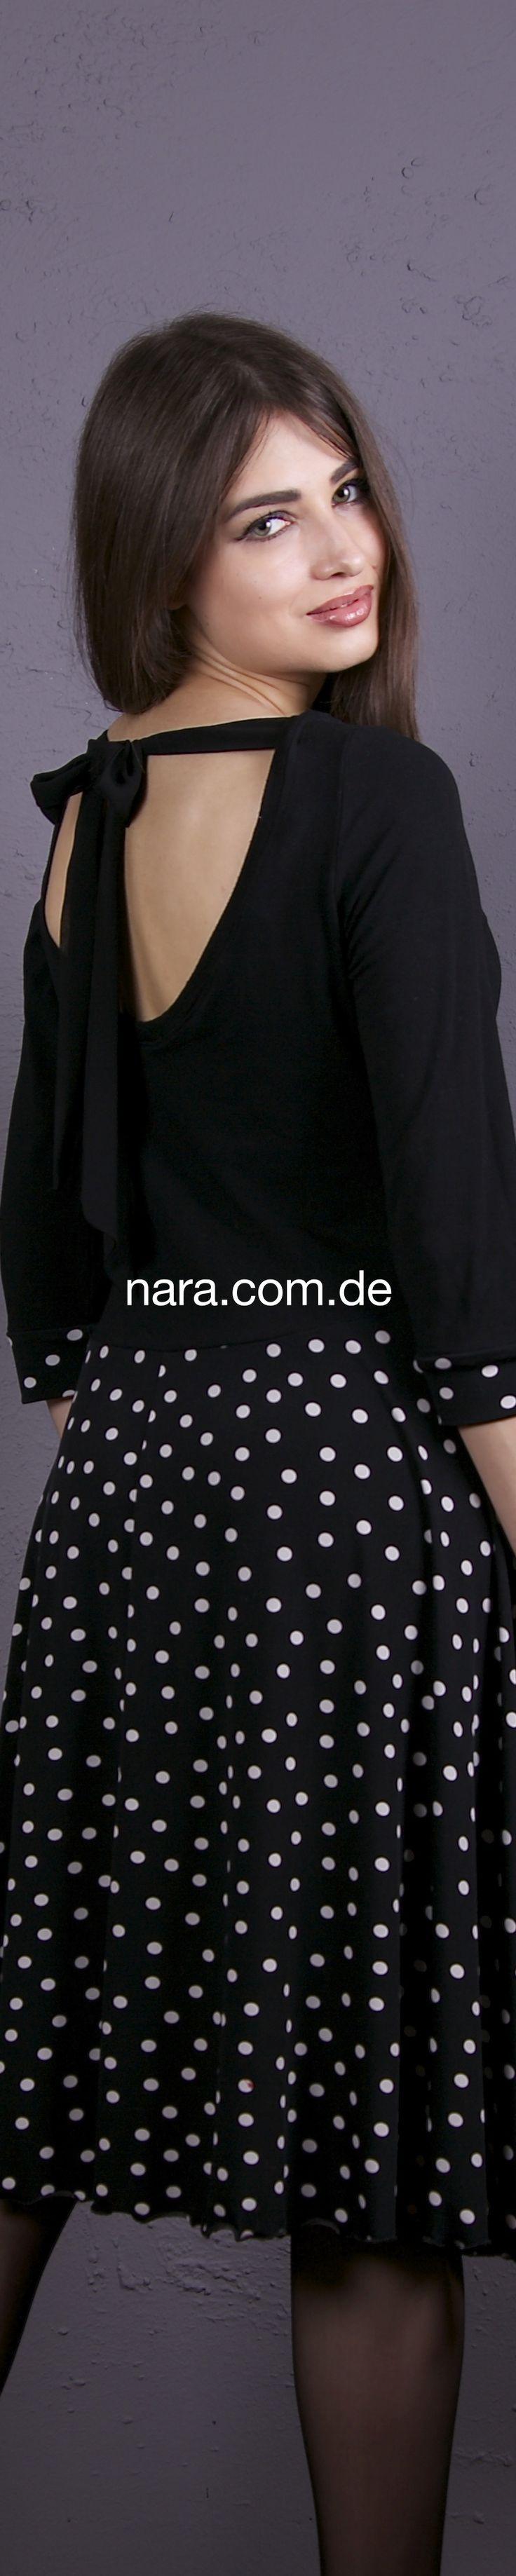 www nara com de laessiger look freizeitkleidung laessig laessig